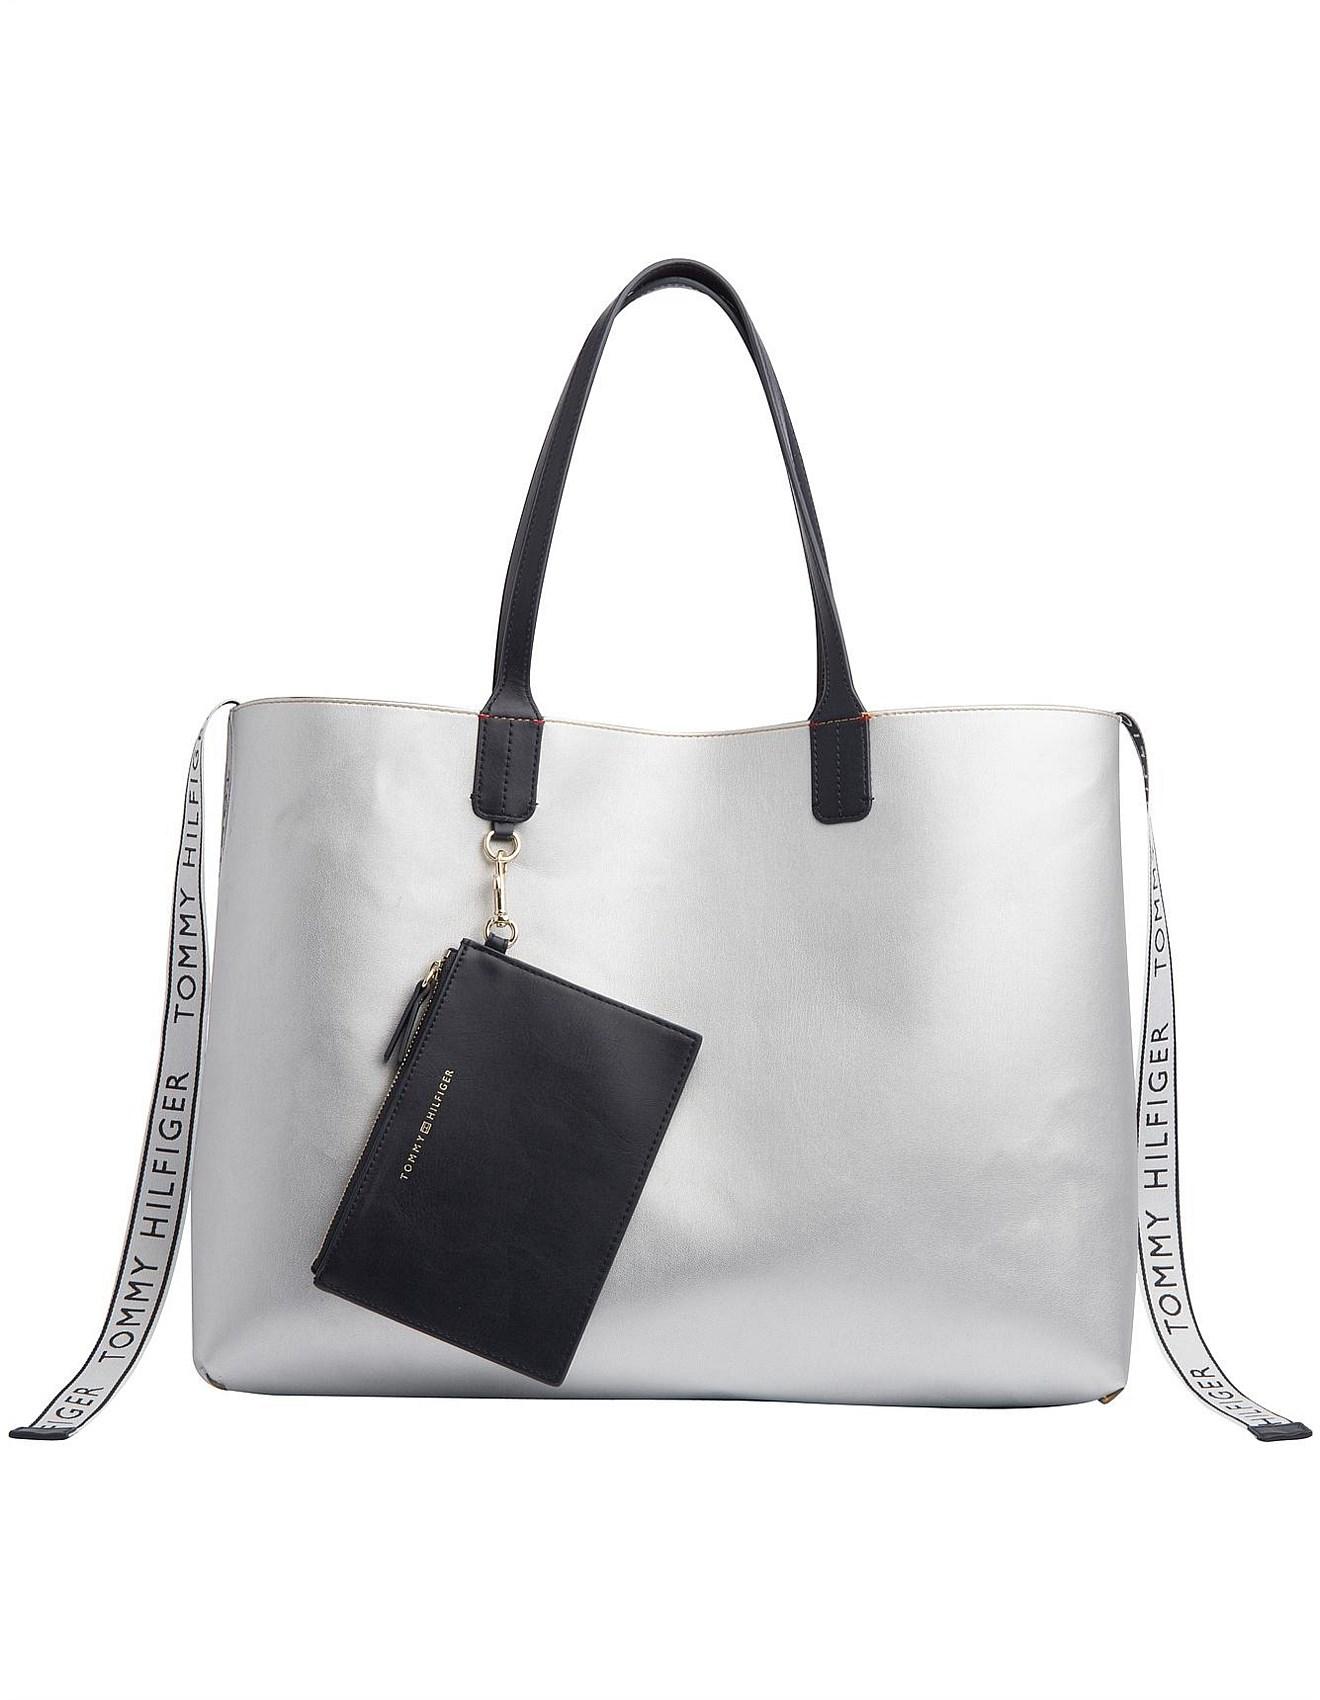 26857aa1 Designer Handbags For Women | Buy Ladies Bags Online | David Jones ...